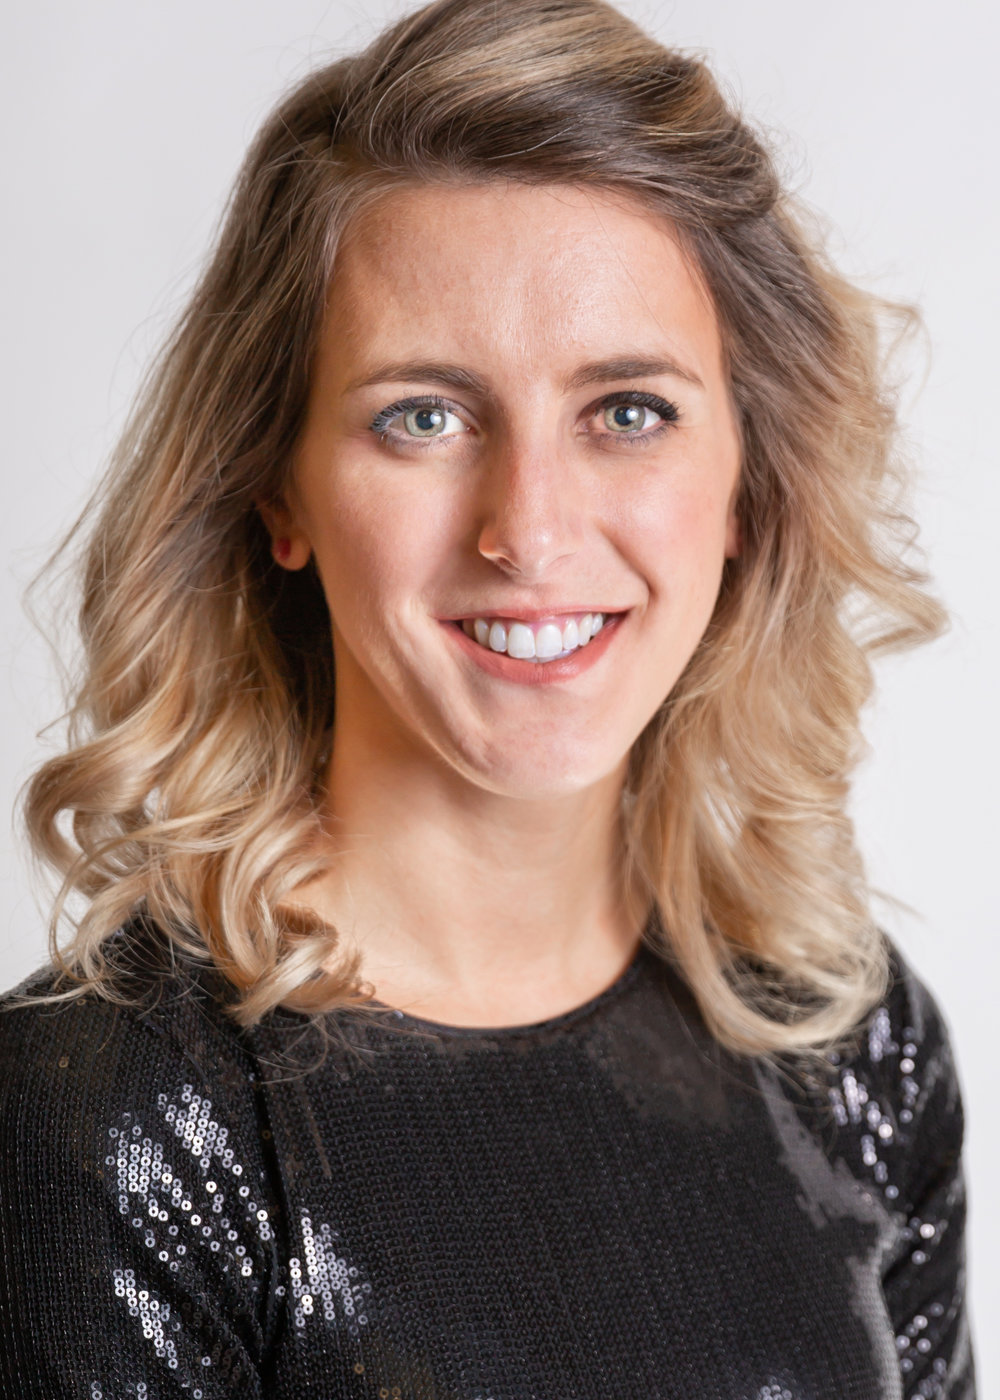 Ashlie Diehl | Clark's Cutie On staff since 2015